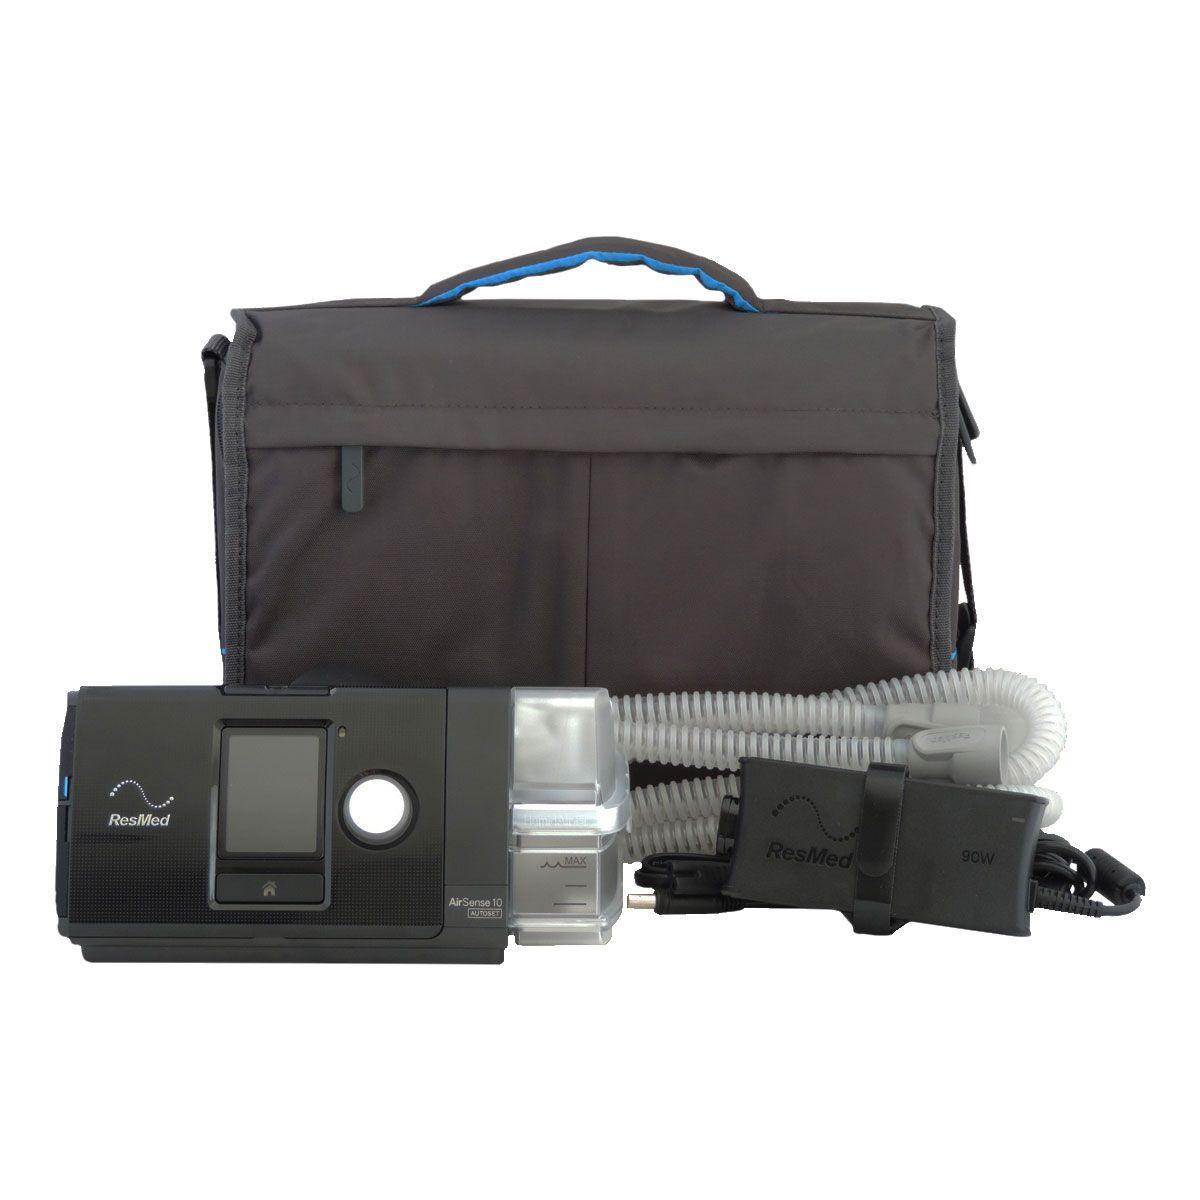 CPAP AIRSENSE 10 COM UMIDIFICADOR – RESMED  É NA RESPIRECARE